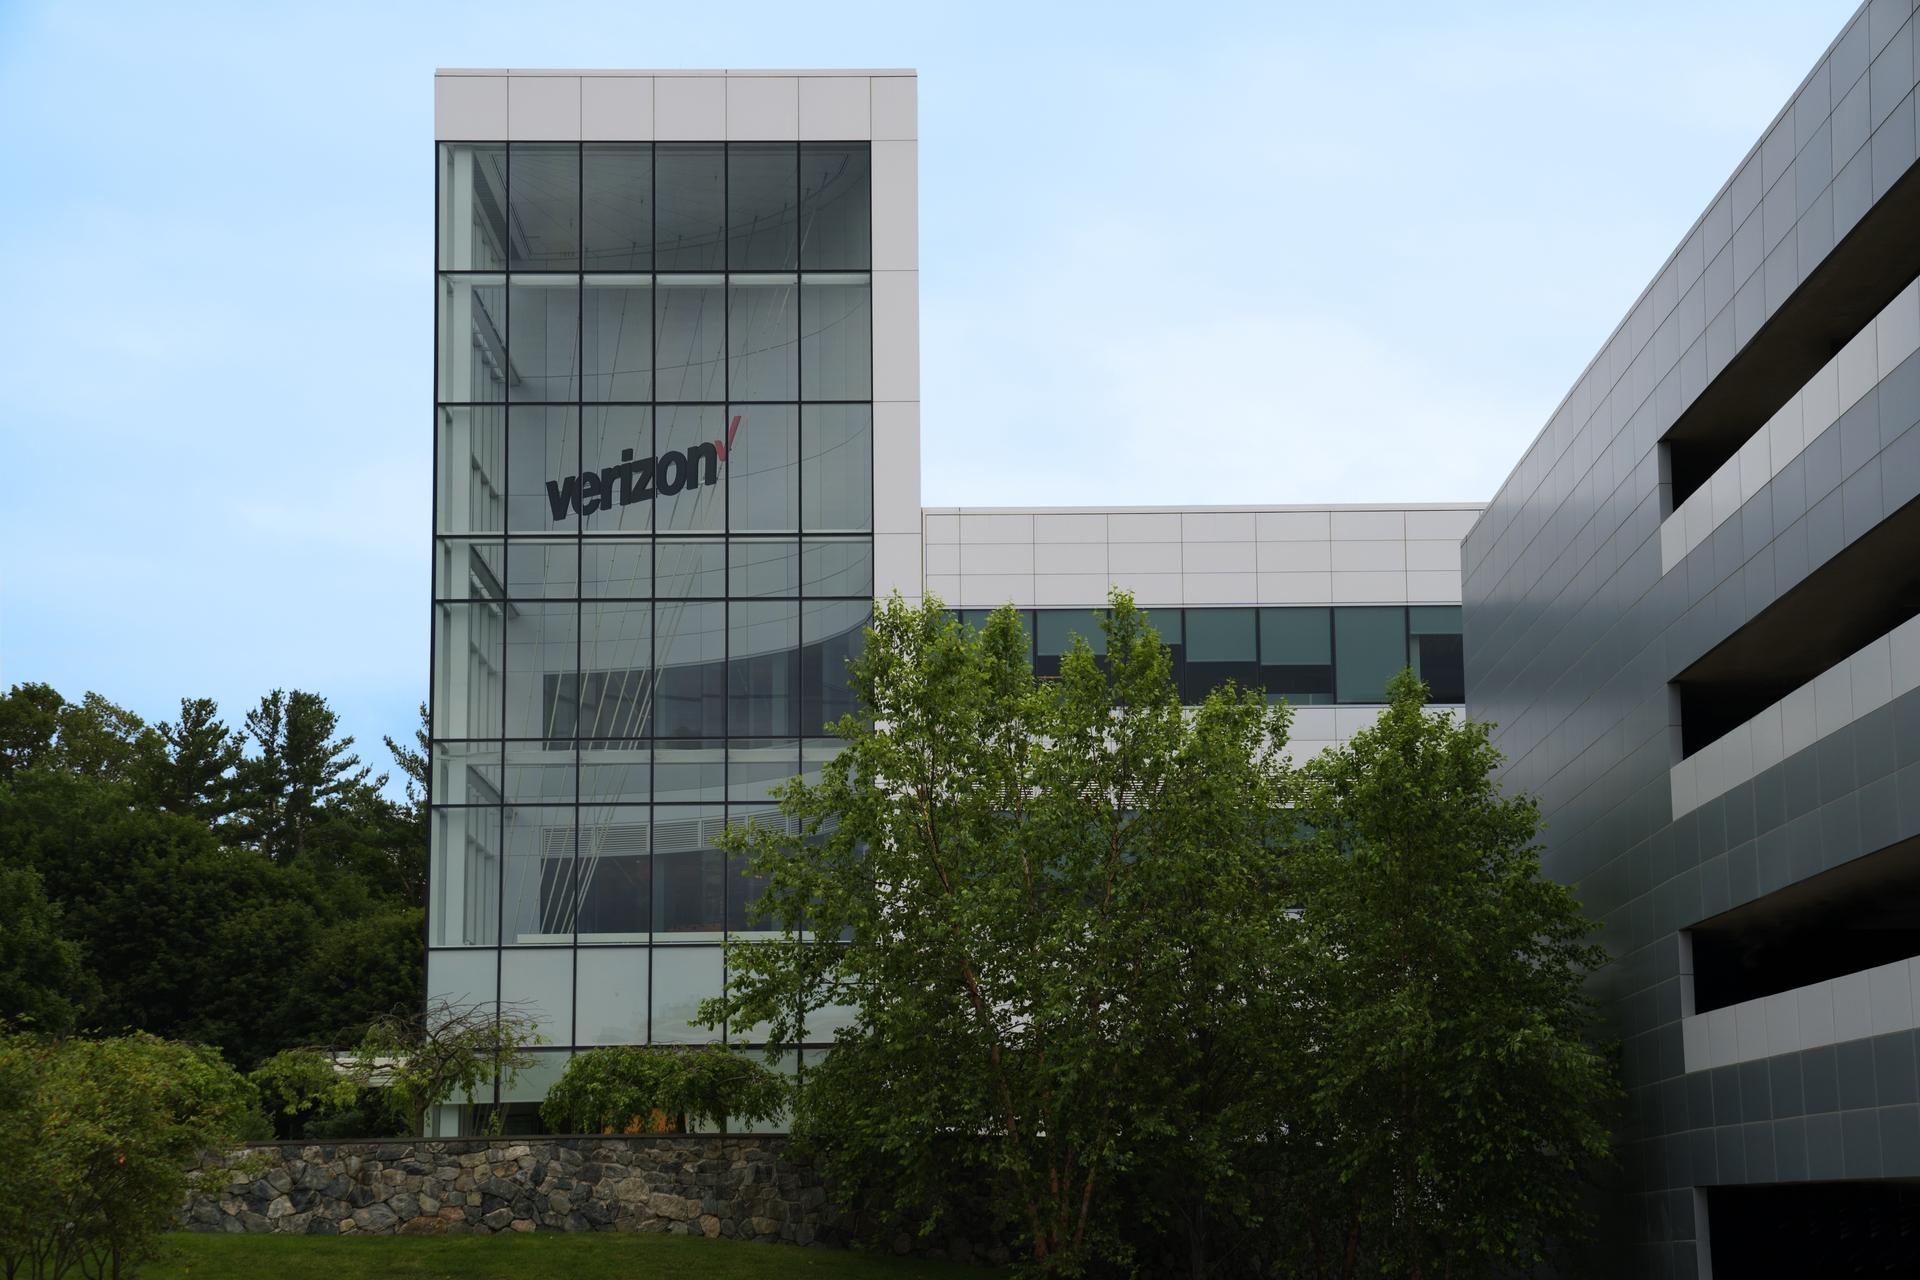 Exterior of Waltham, MA Innovation Center